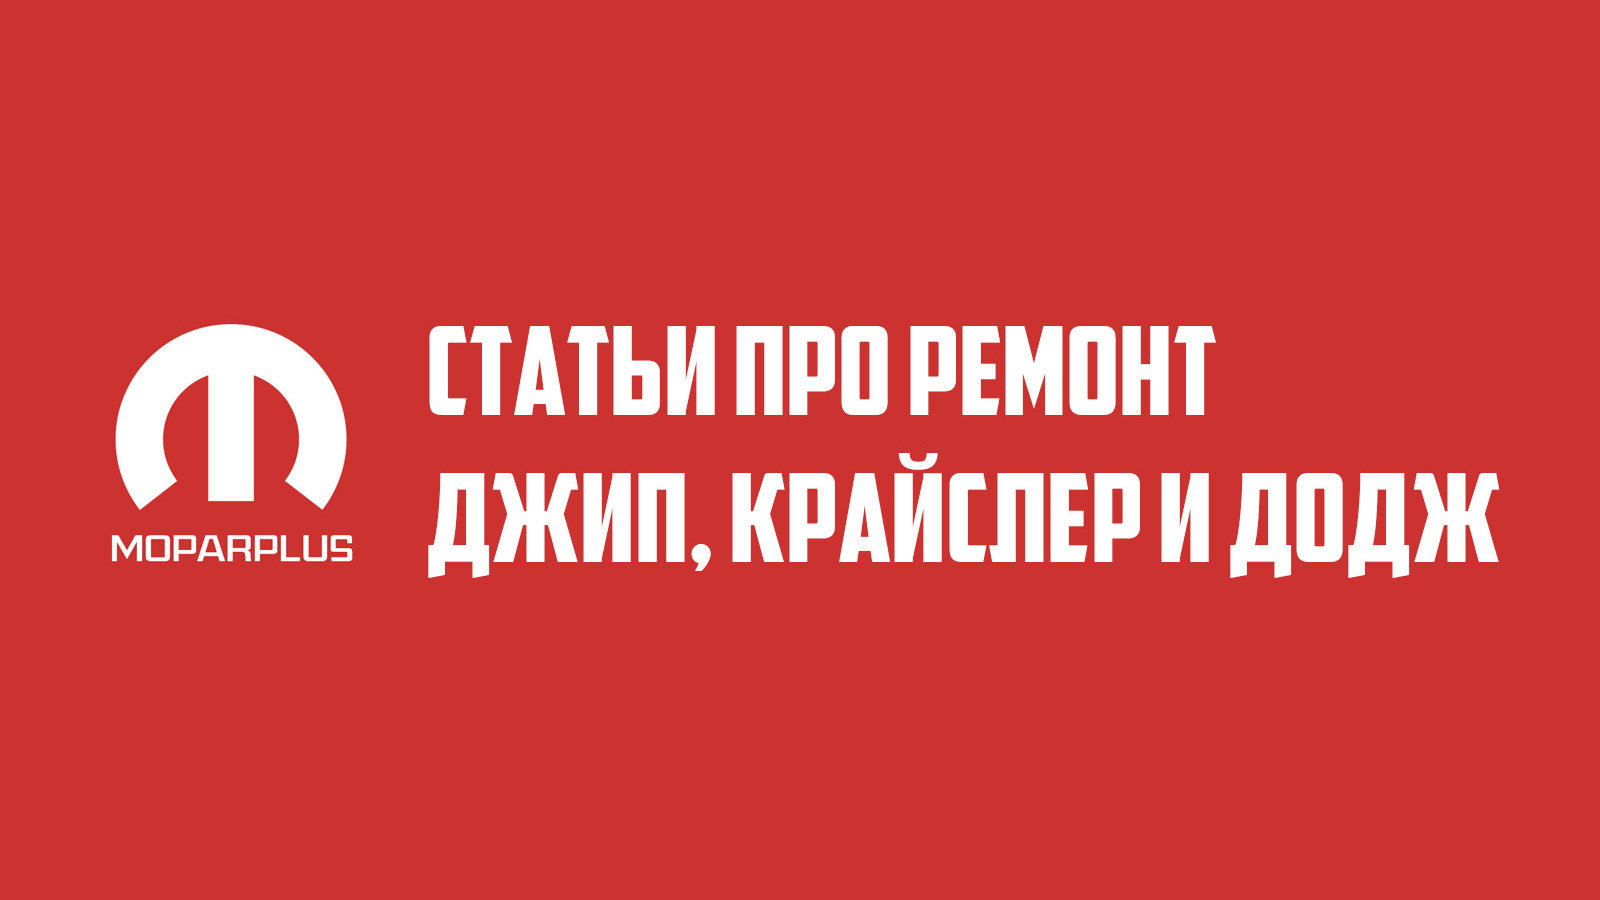 Статьи про ремонт. Выпуск №45.